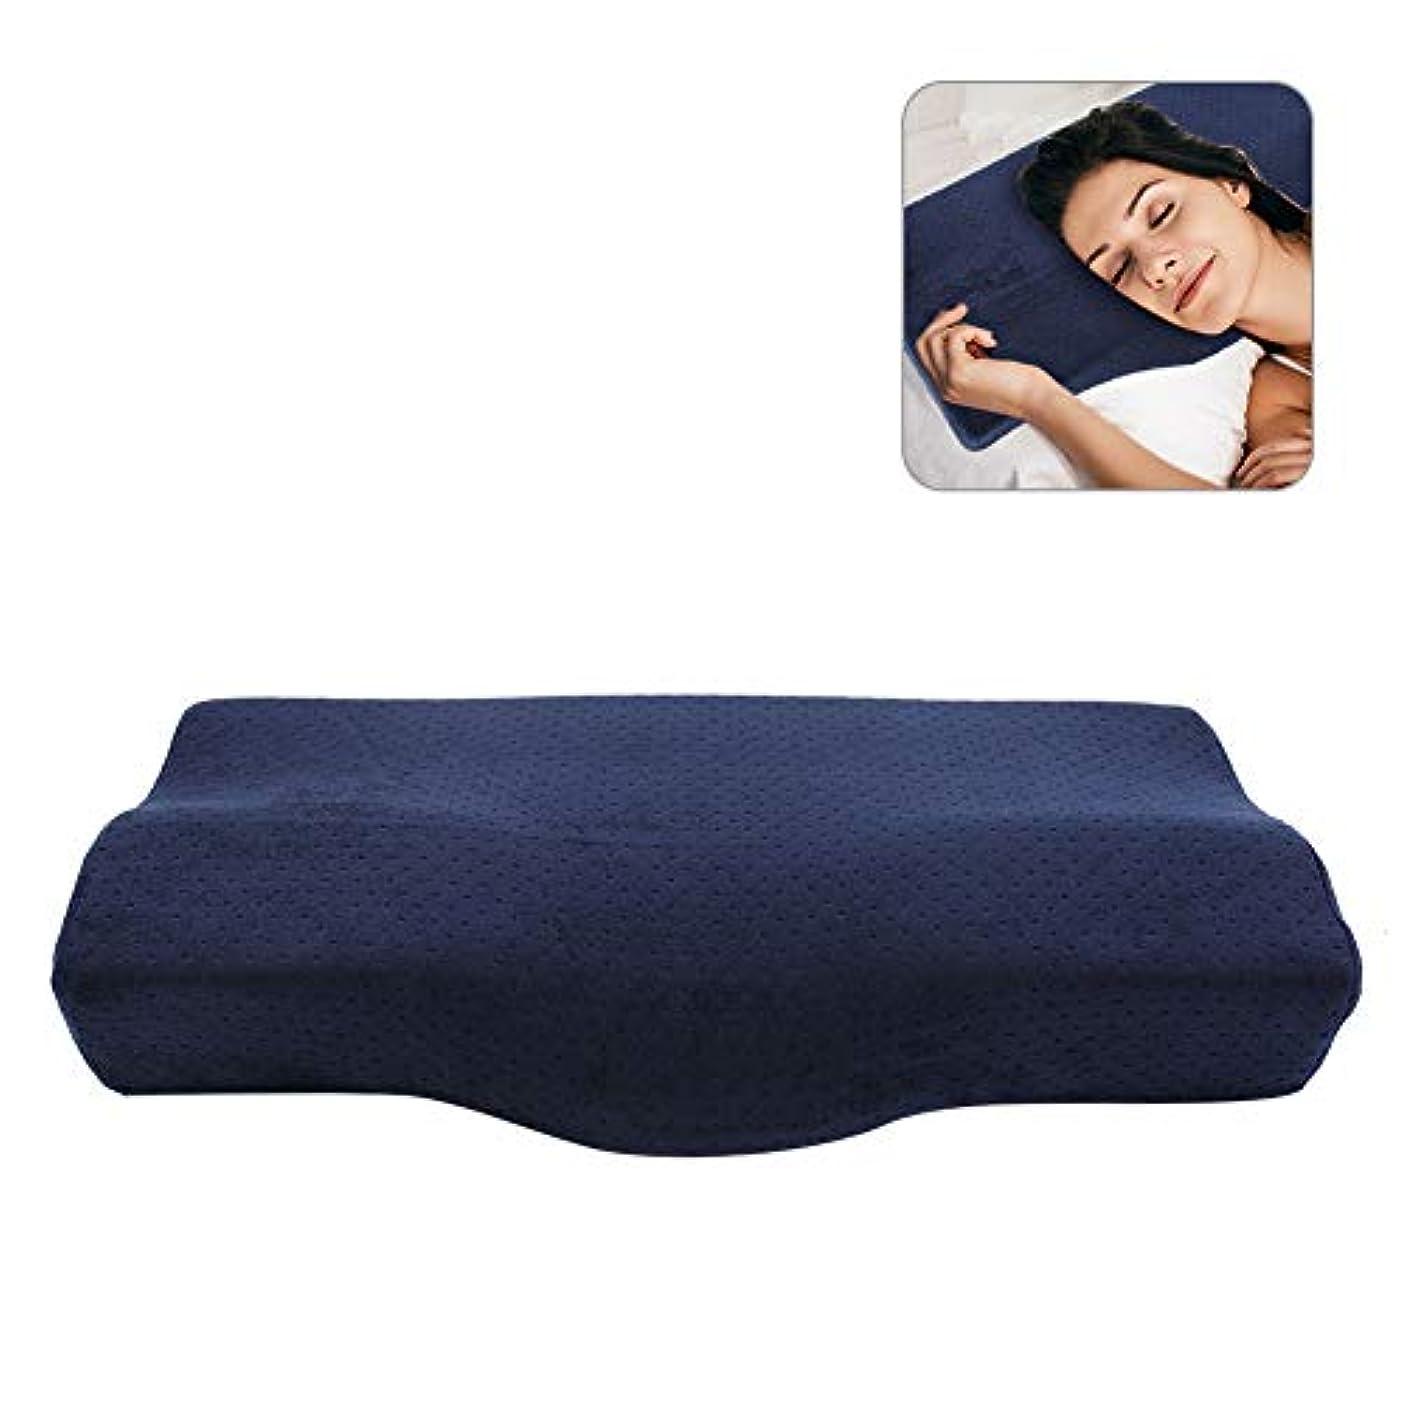 チャーミング伝える識字枕 安眠 低反発枕 肩こり対策 頸椎サポート 肩こり対策 首?頭?肩 子供 大人向き 美容院&グラフトまつげ (ダークブルー)